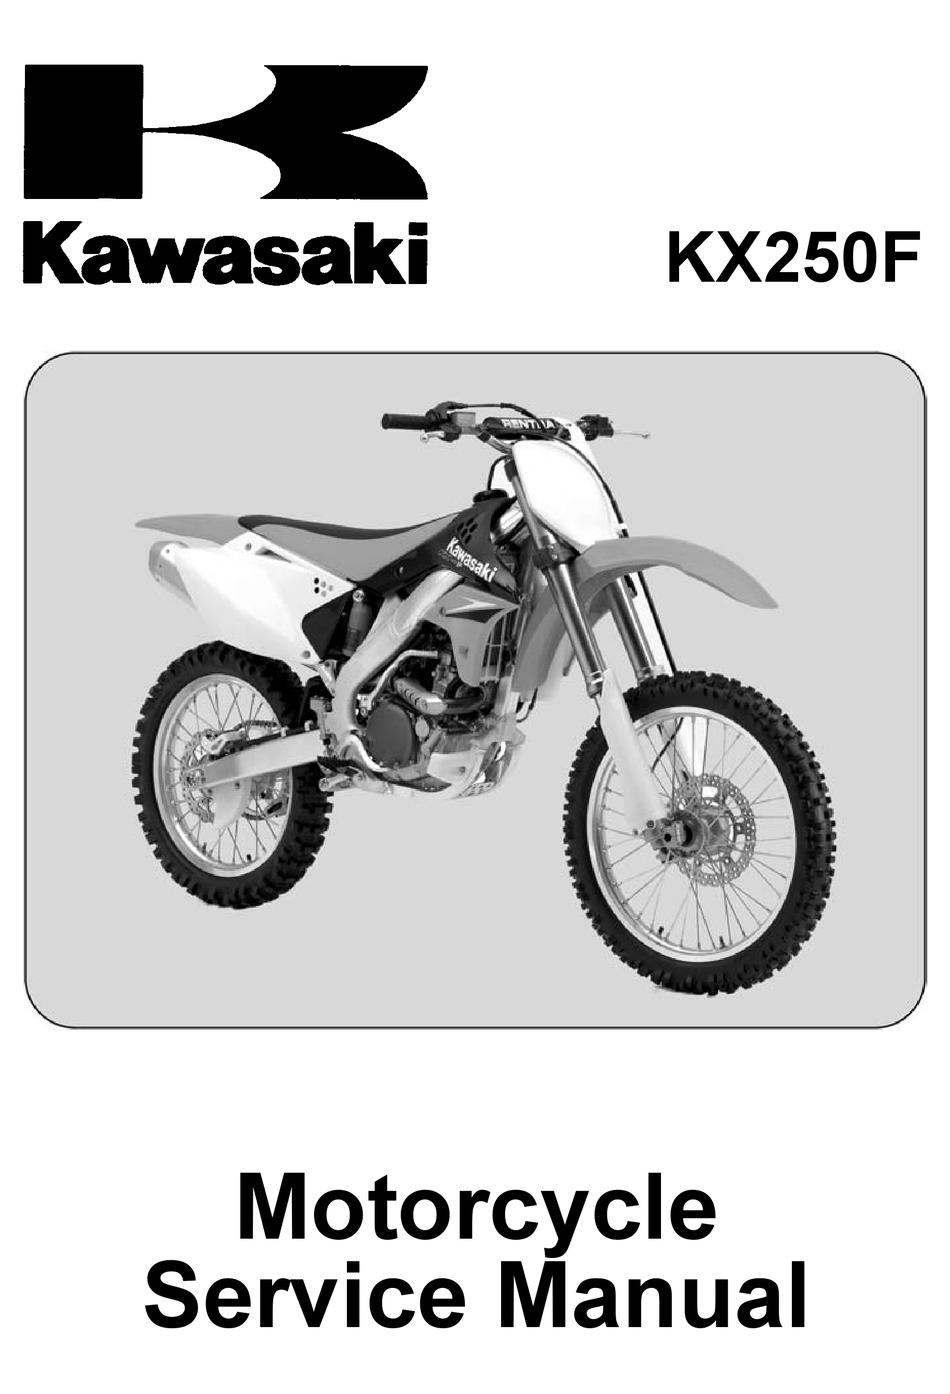 Kawasaki Kx250f Service Manual Pdf Download Manualslib